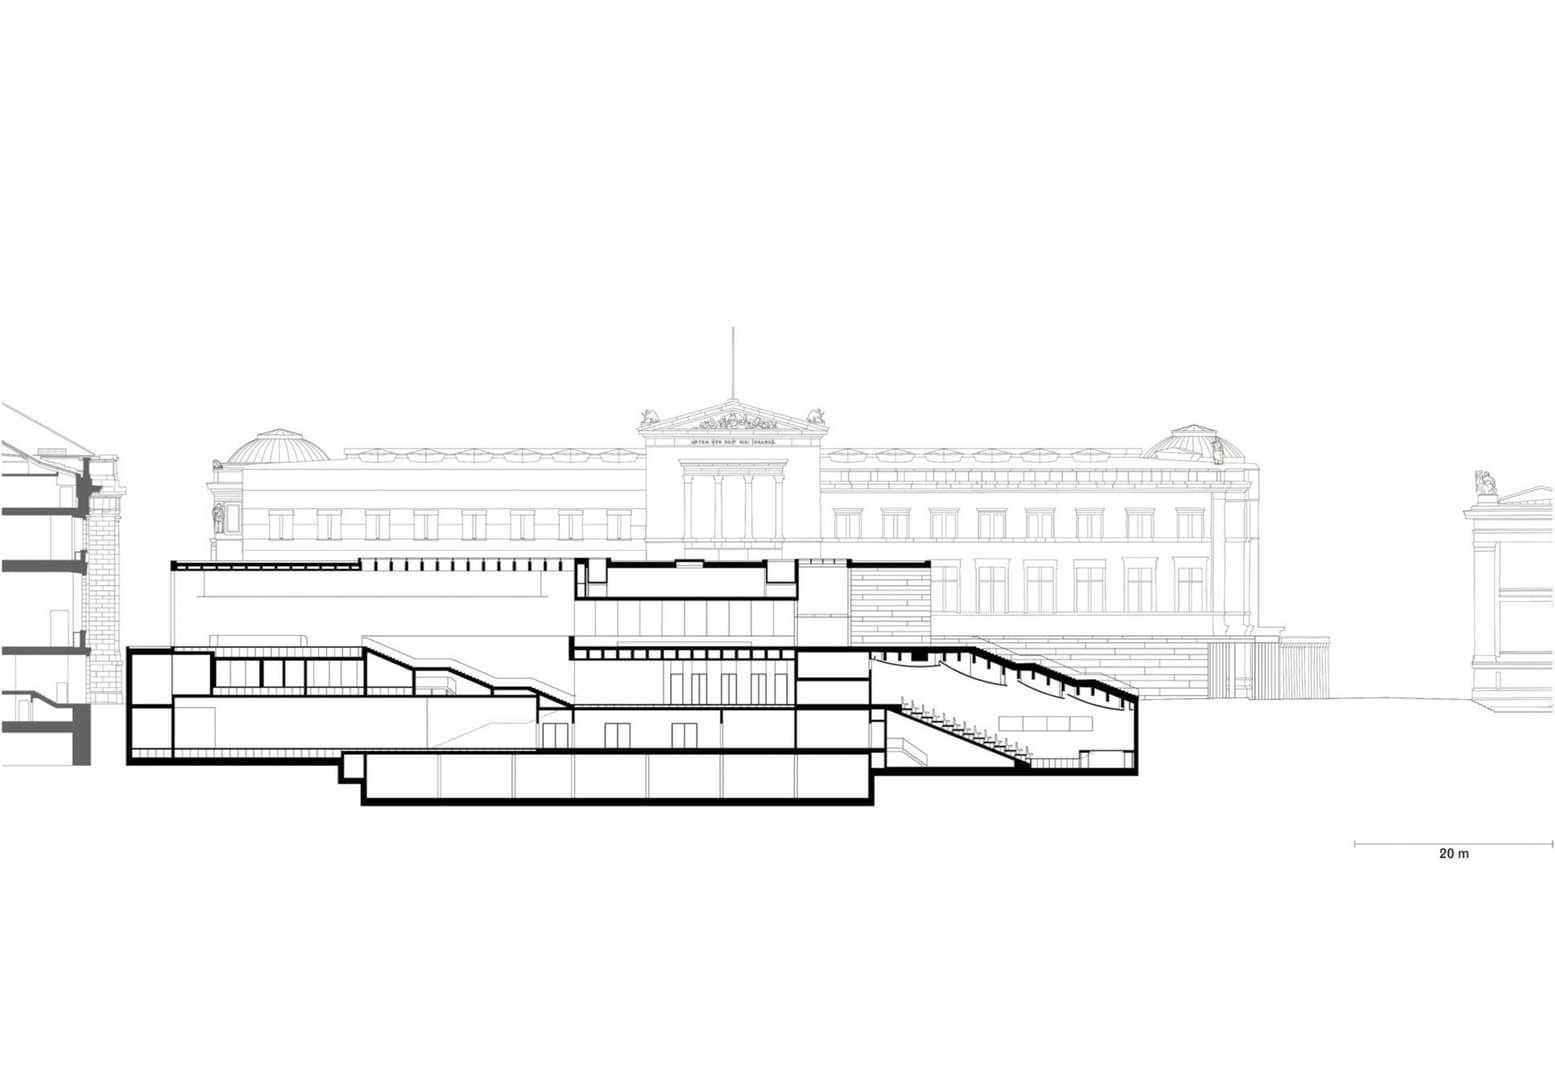 Längsschnitt Foyer und Auditorium